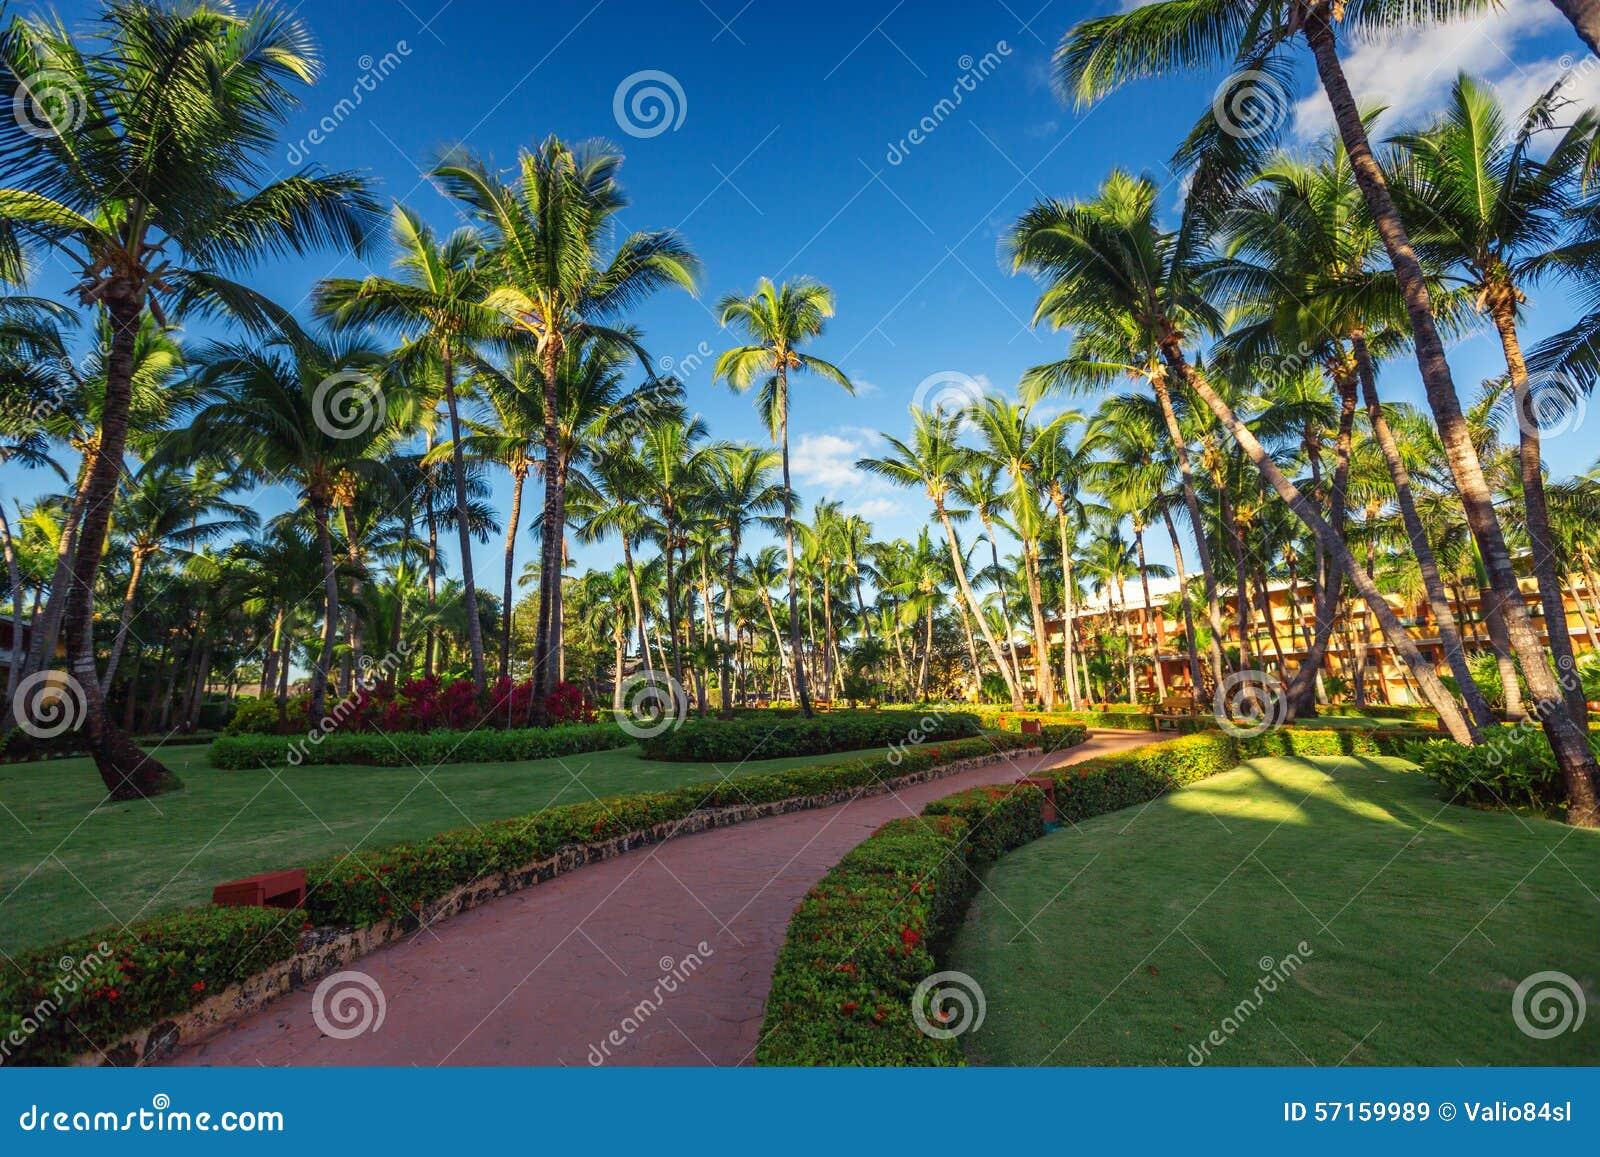 Тропа и тропический сад в пляжном комплексе, Punta Cana